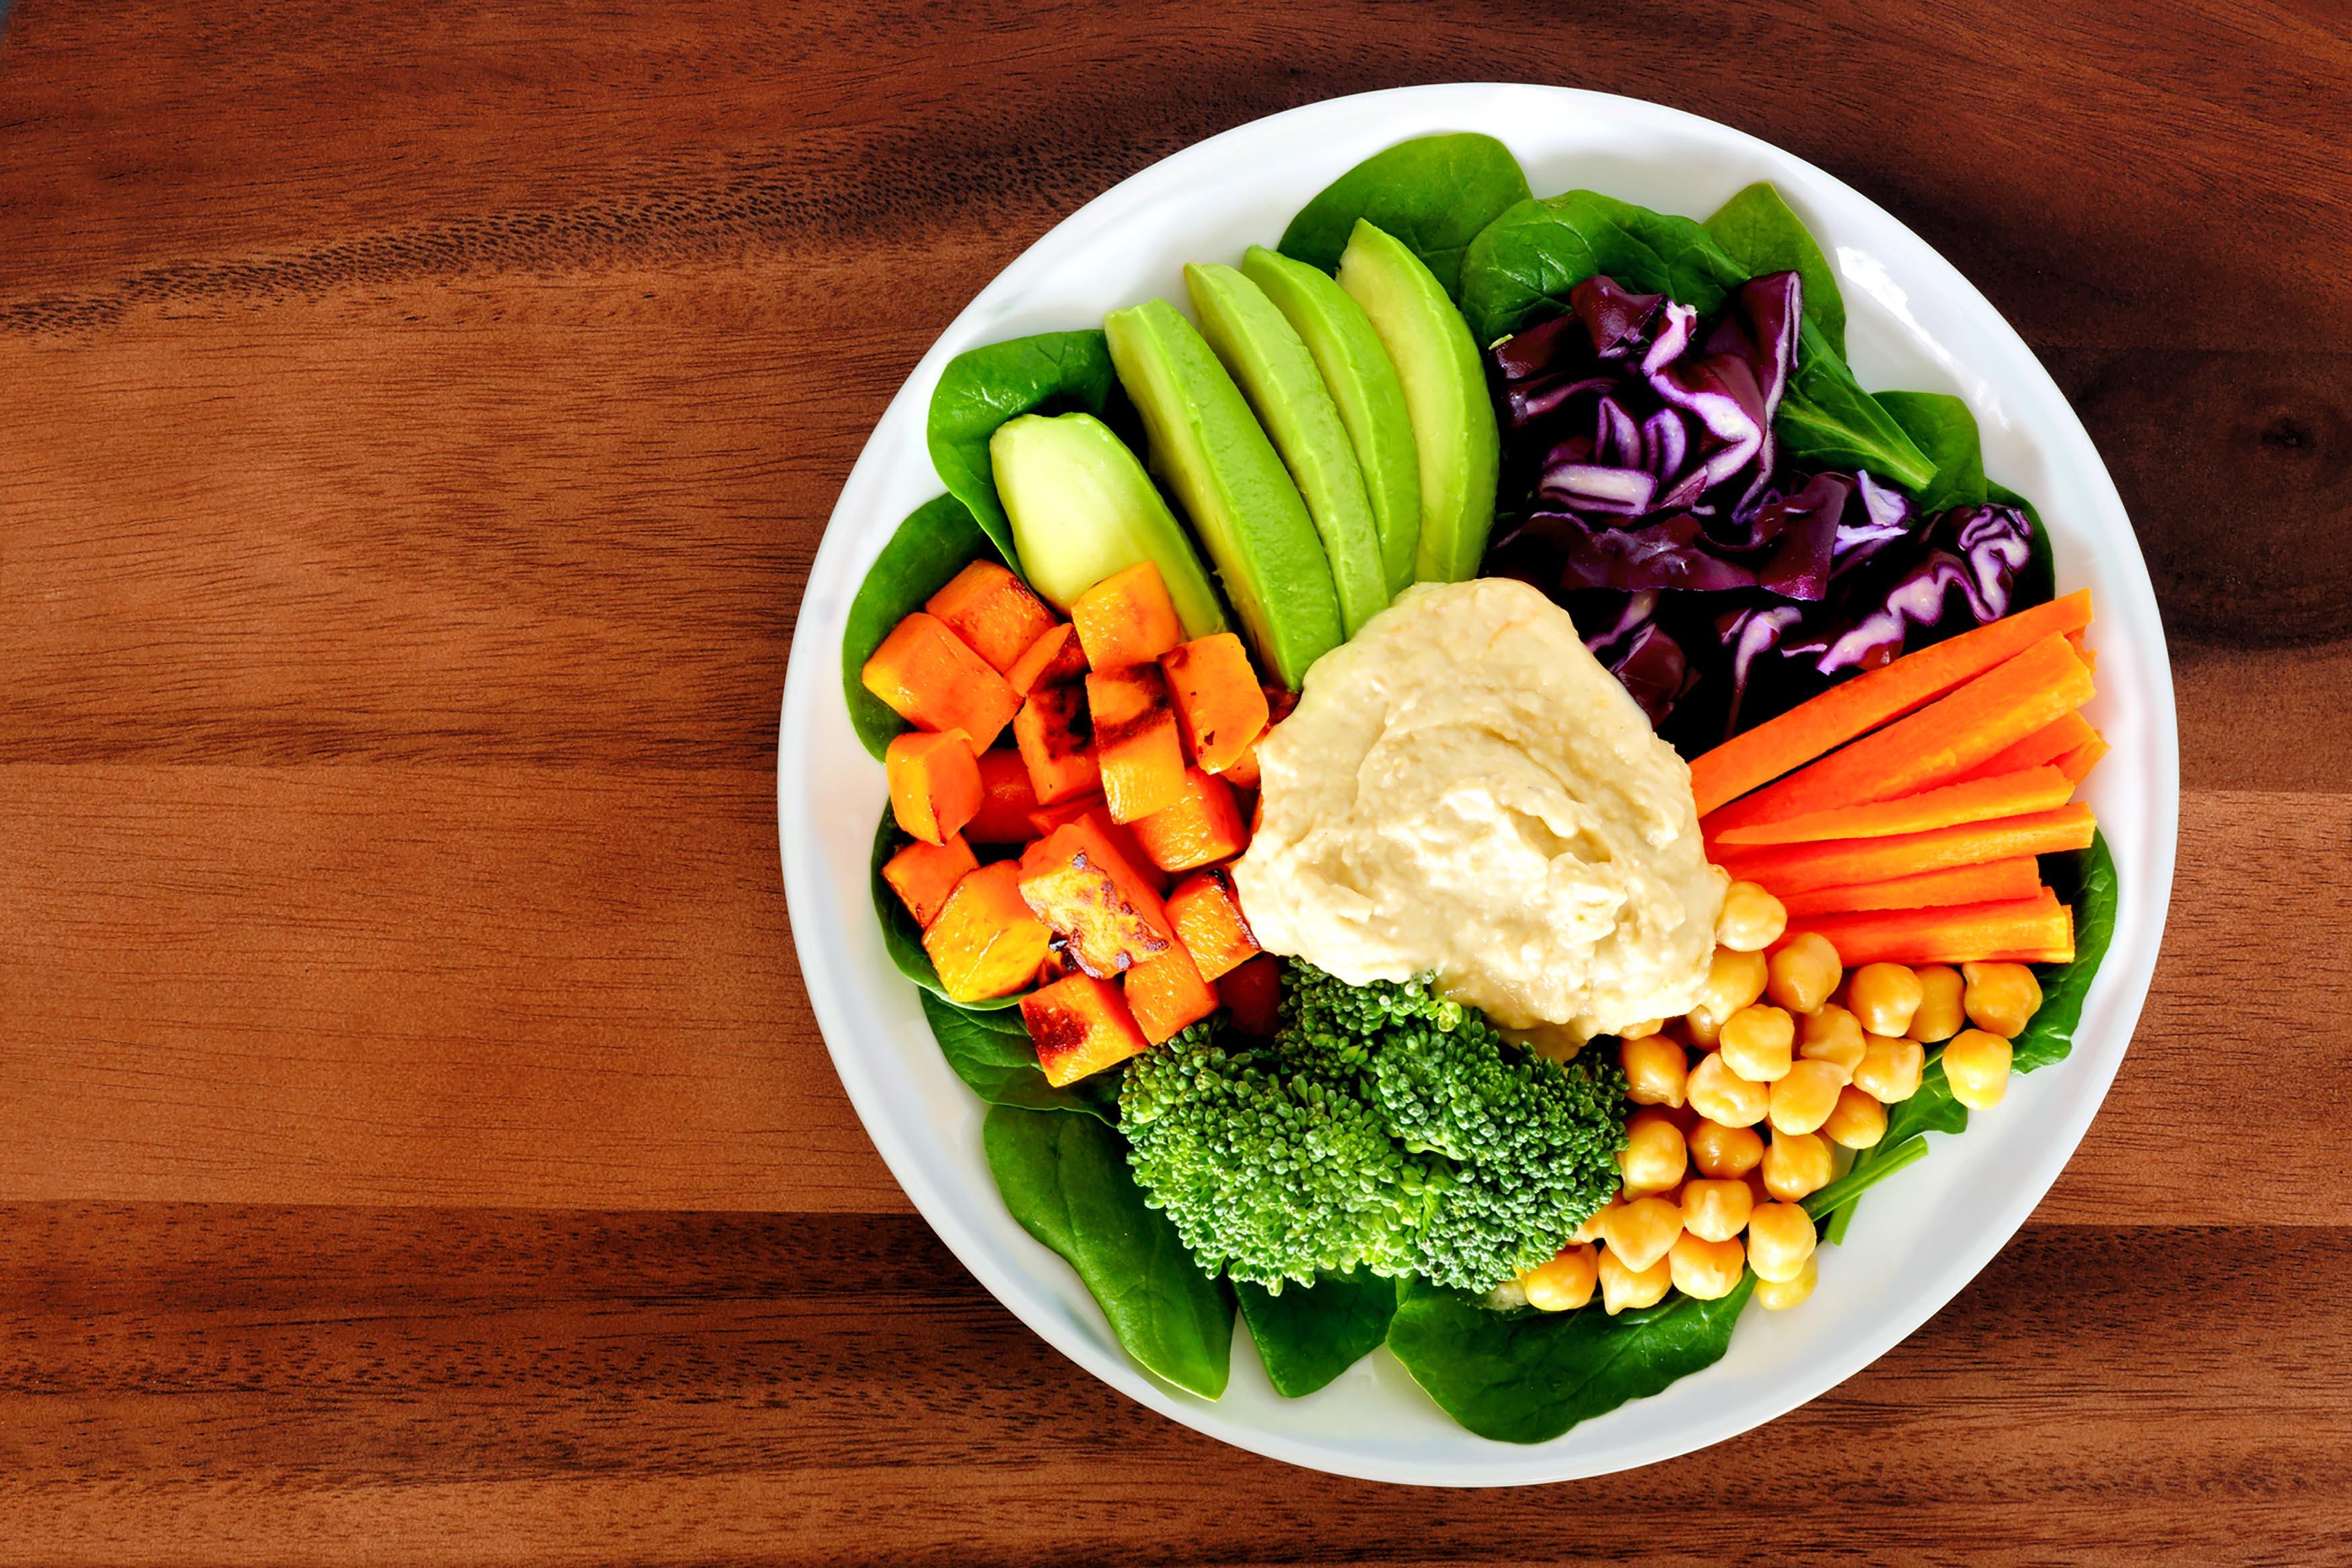 A rotina de quem passa o dia inteiro em um escritório, ou até mesmo de quem viaja, pode abalar aquela tão batalhada dieta com alimentos saudáveis.